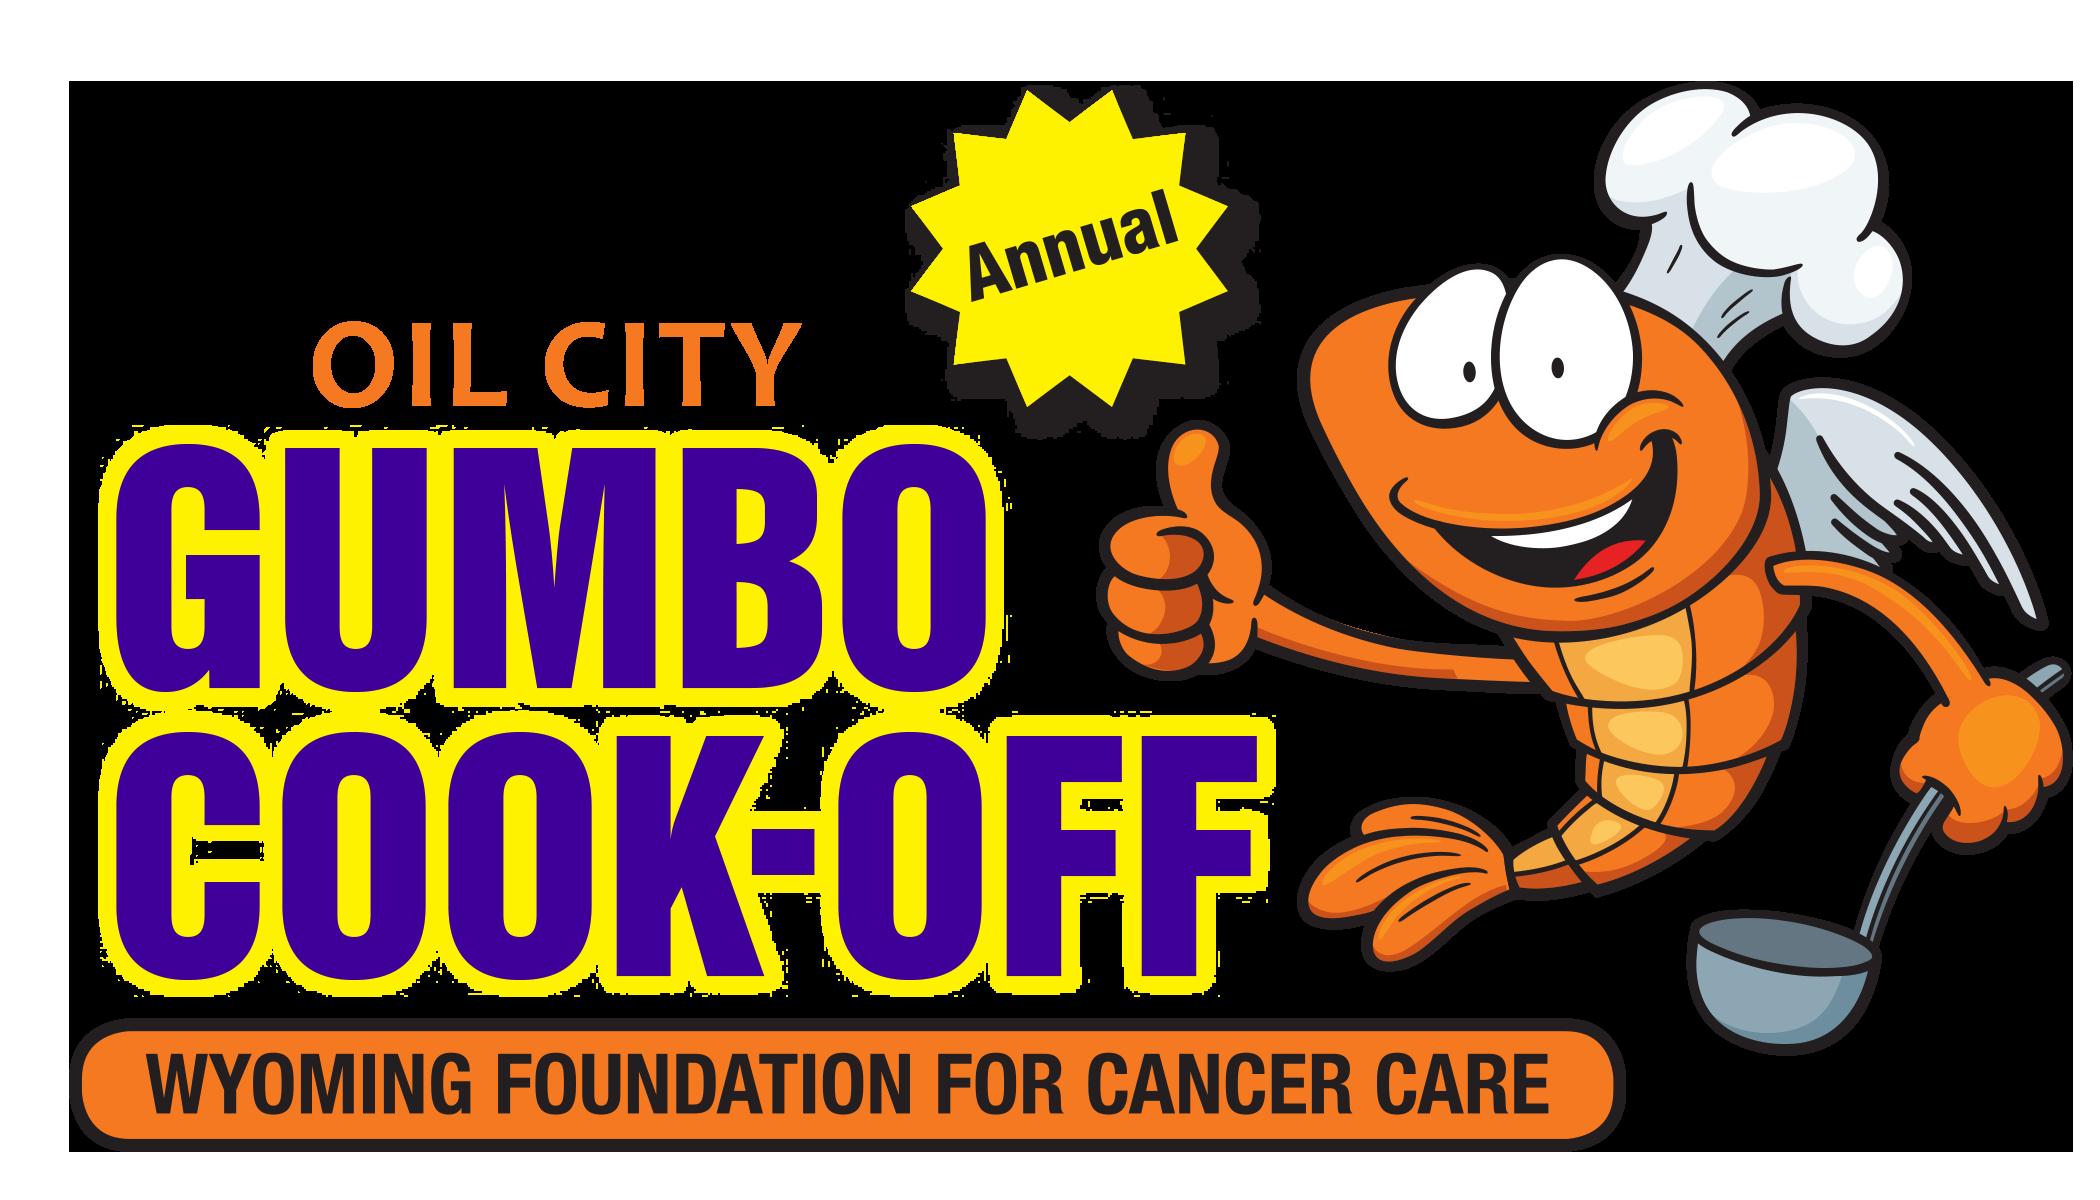 Oil City Gumbo Cookoff Calcutta